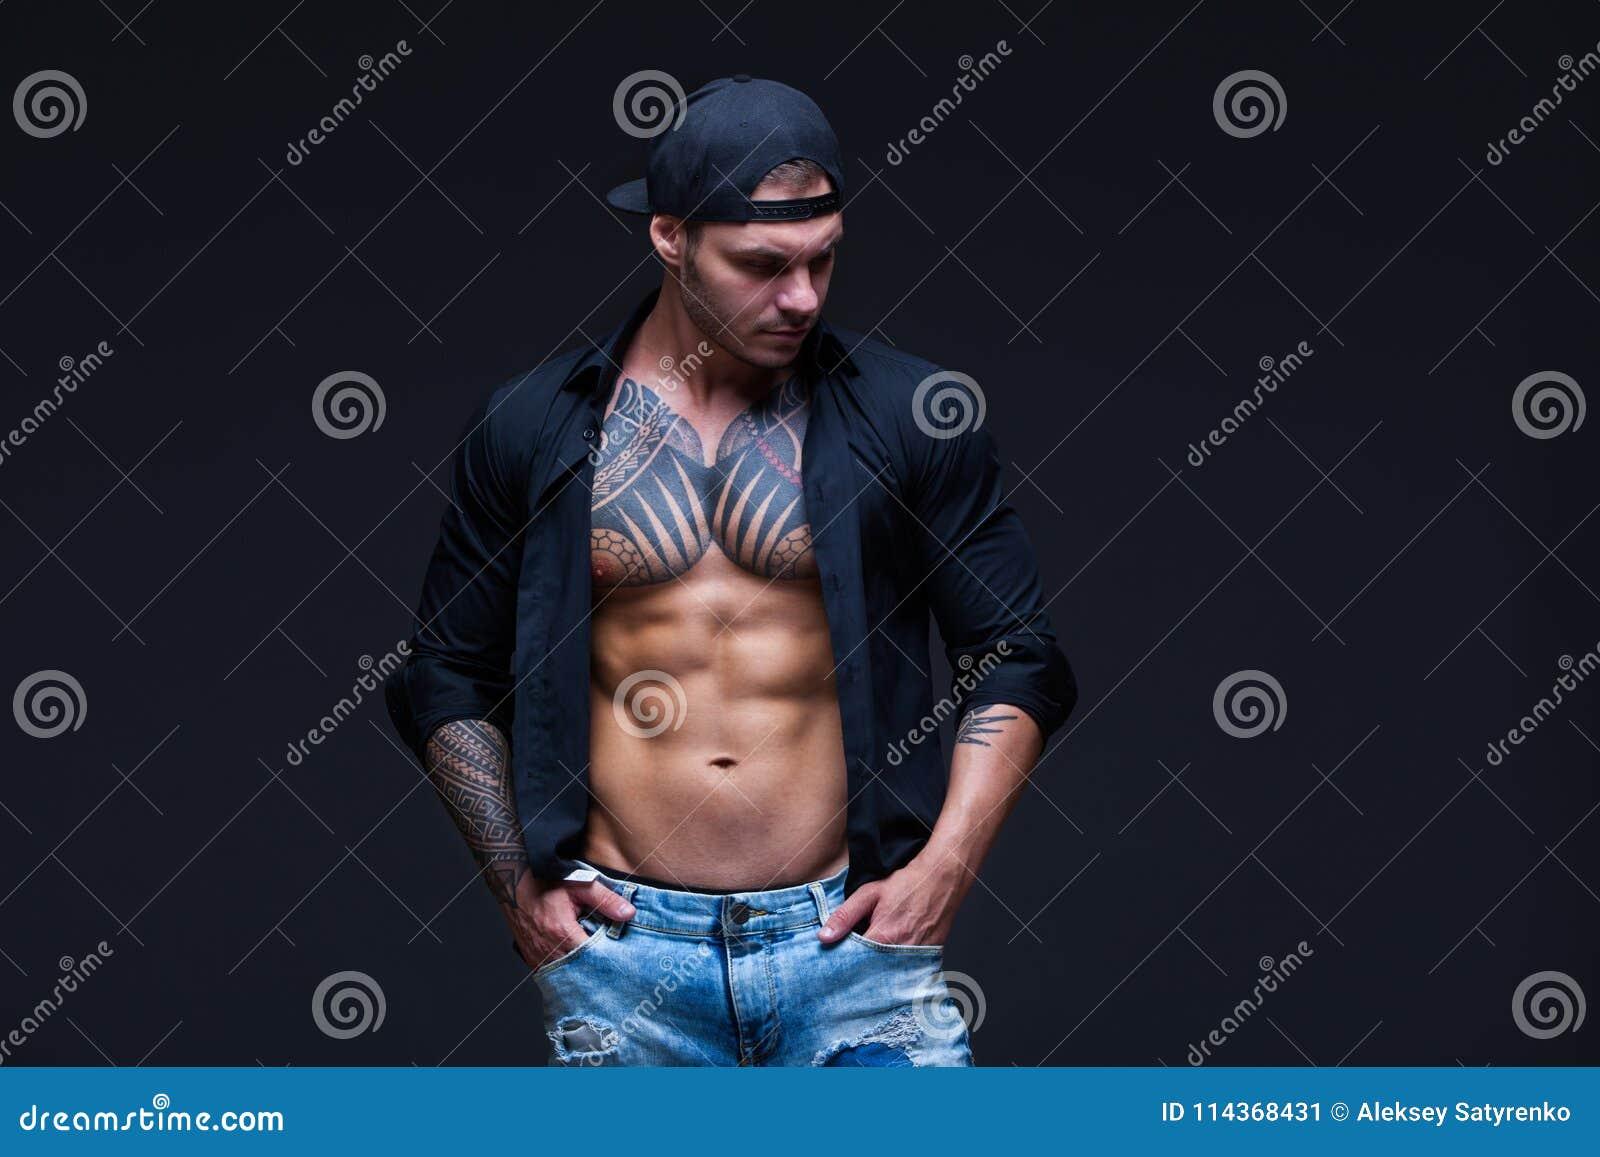 ae18e774a927 El Hombre Vistió Los Tejanos, La Camisa Negra Y La Gorra De Béisbol ...